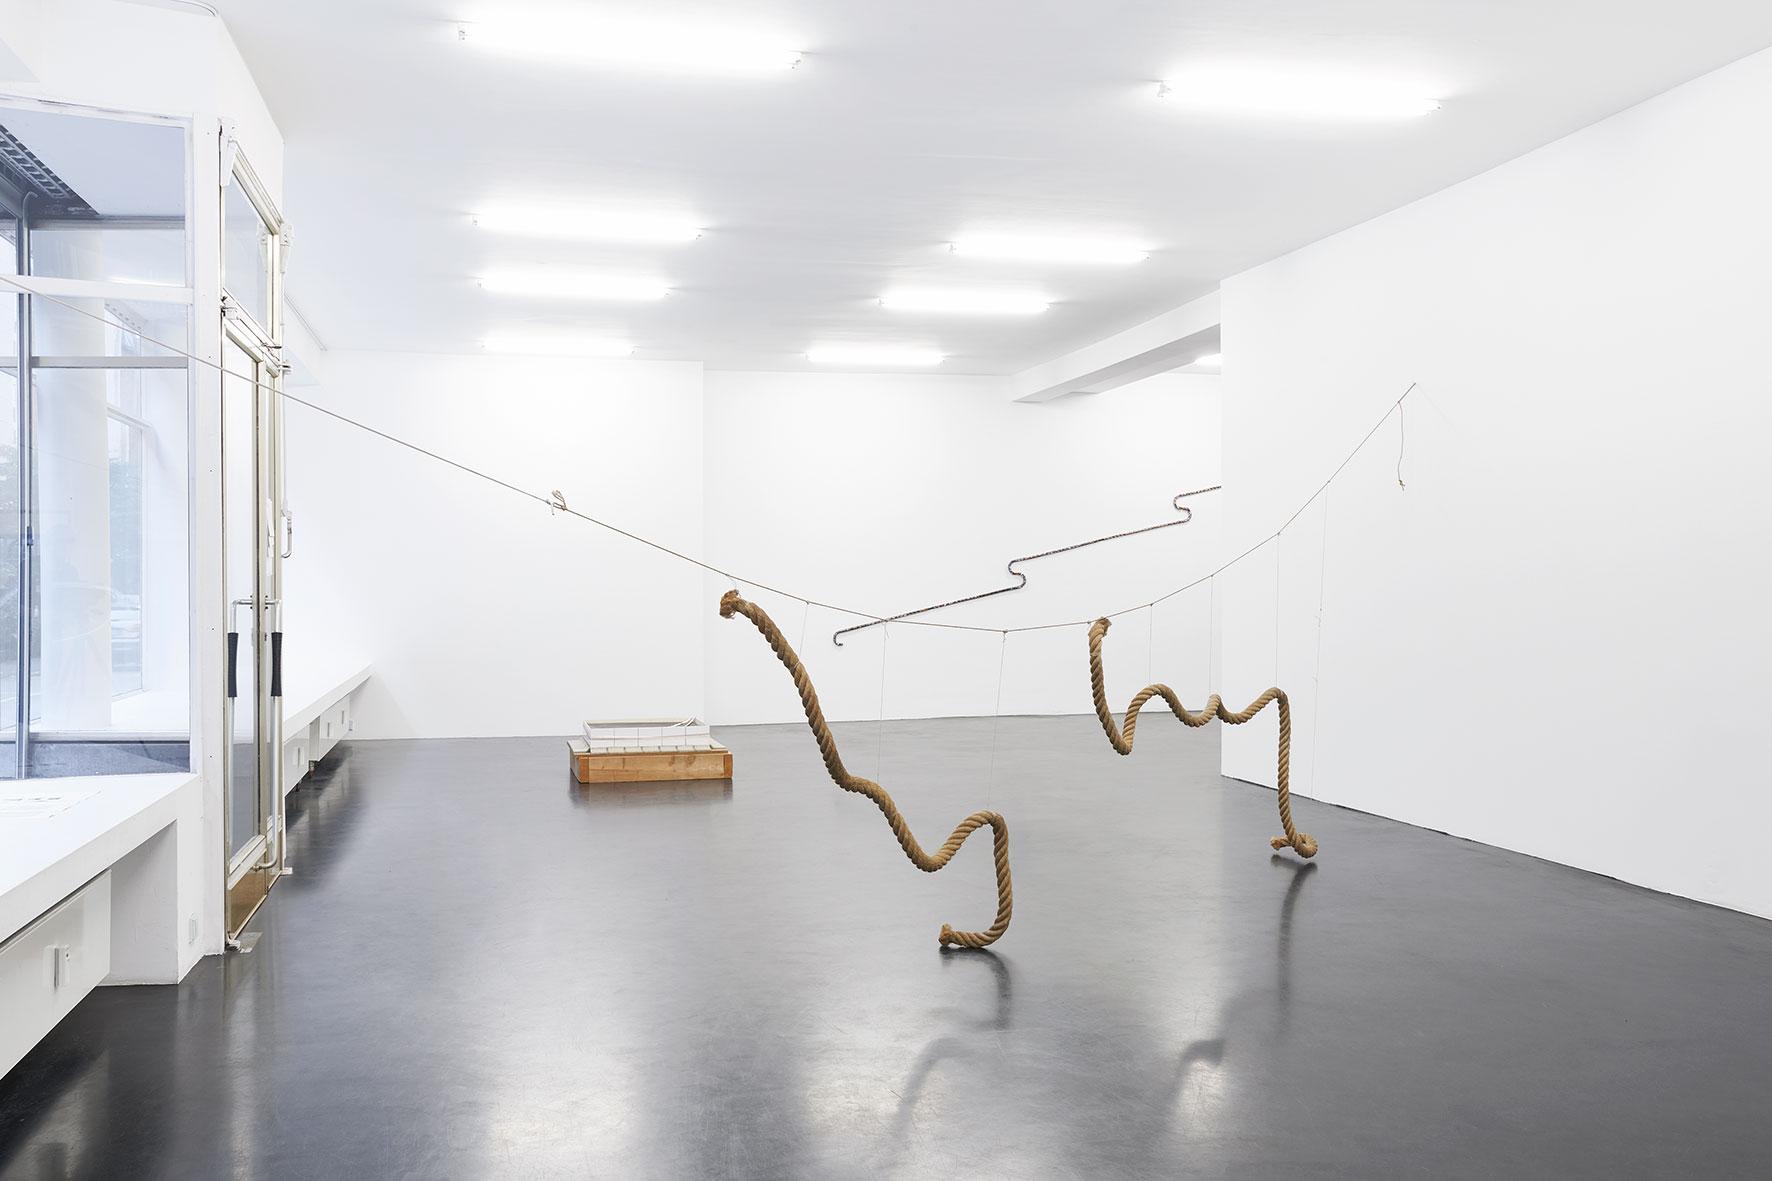 Ger van Elk_Installation View_3_Markus Luettgen Gallery